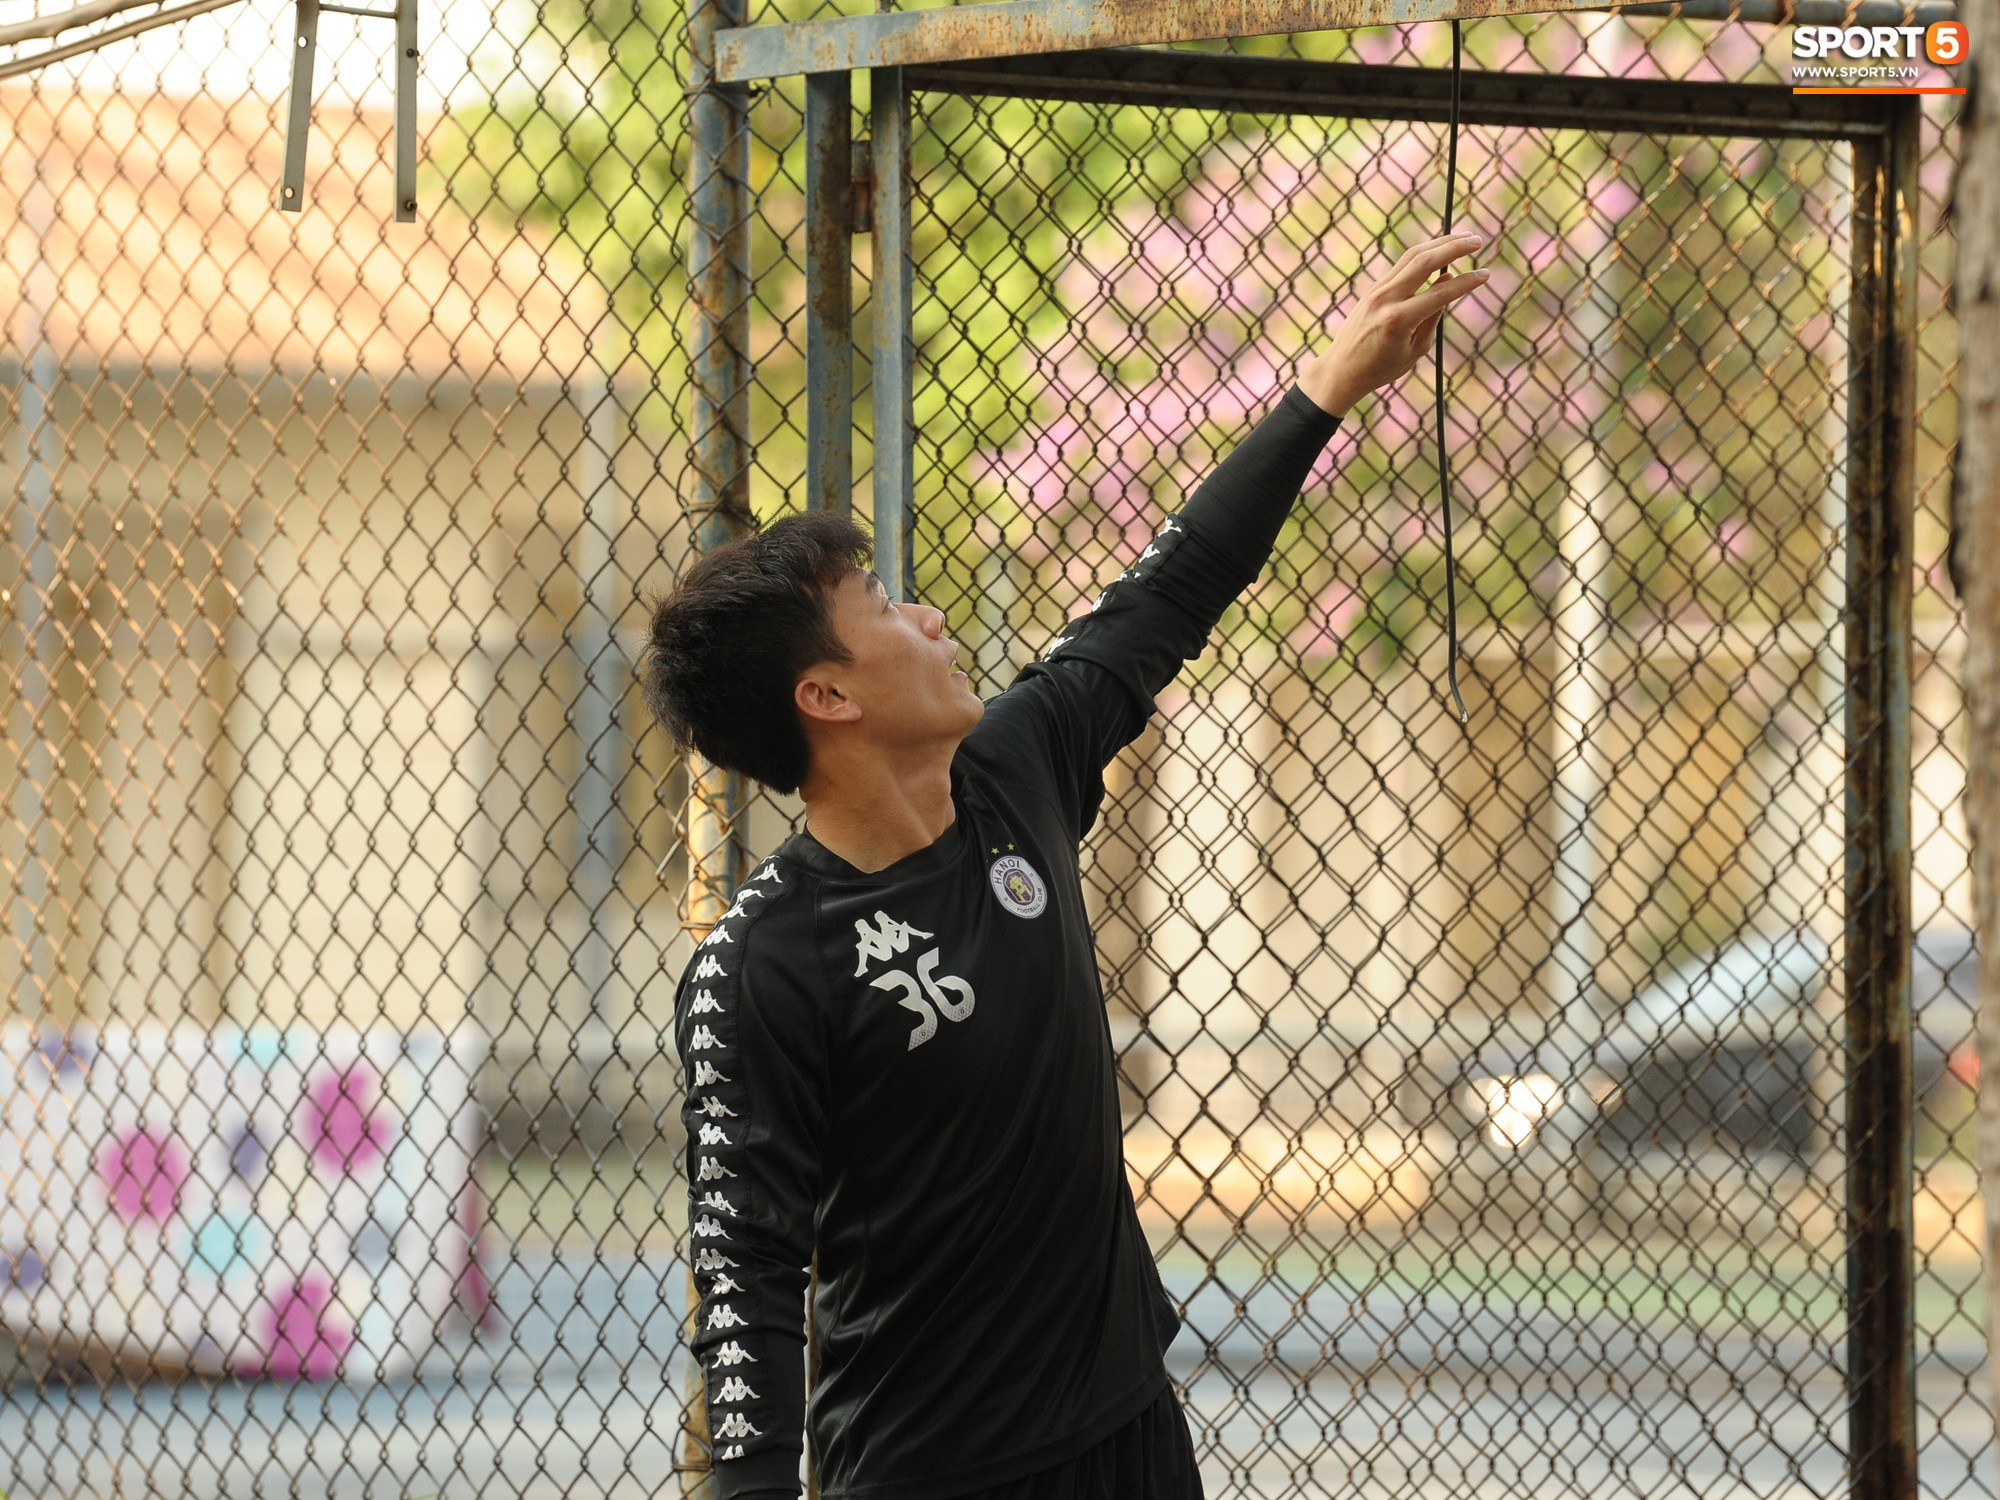 Hành động thể hiện sự tỉ mỉ, chu đáo của Bùi Tiến Dũng đối với các đồng đội Hà Nội FC - Ảnh 2.